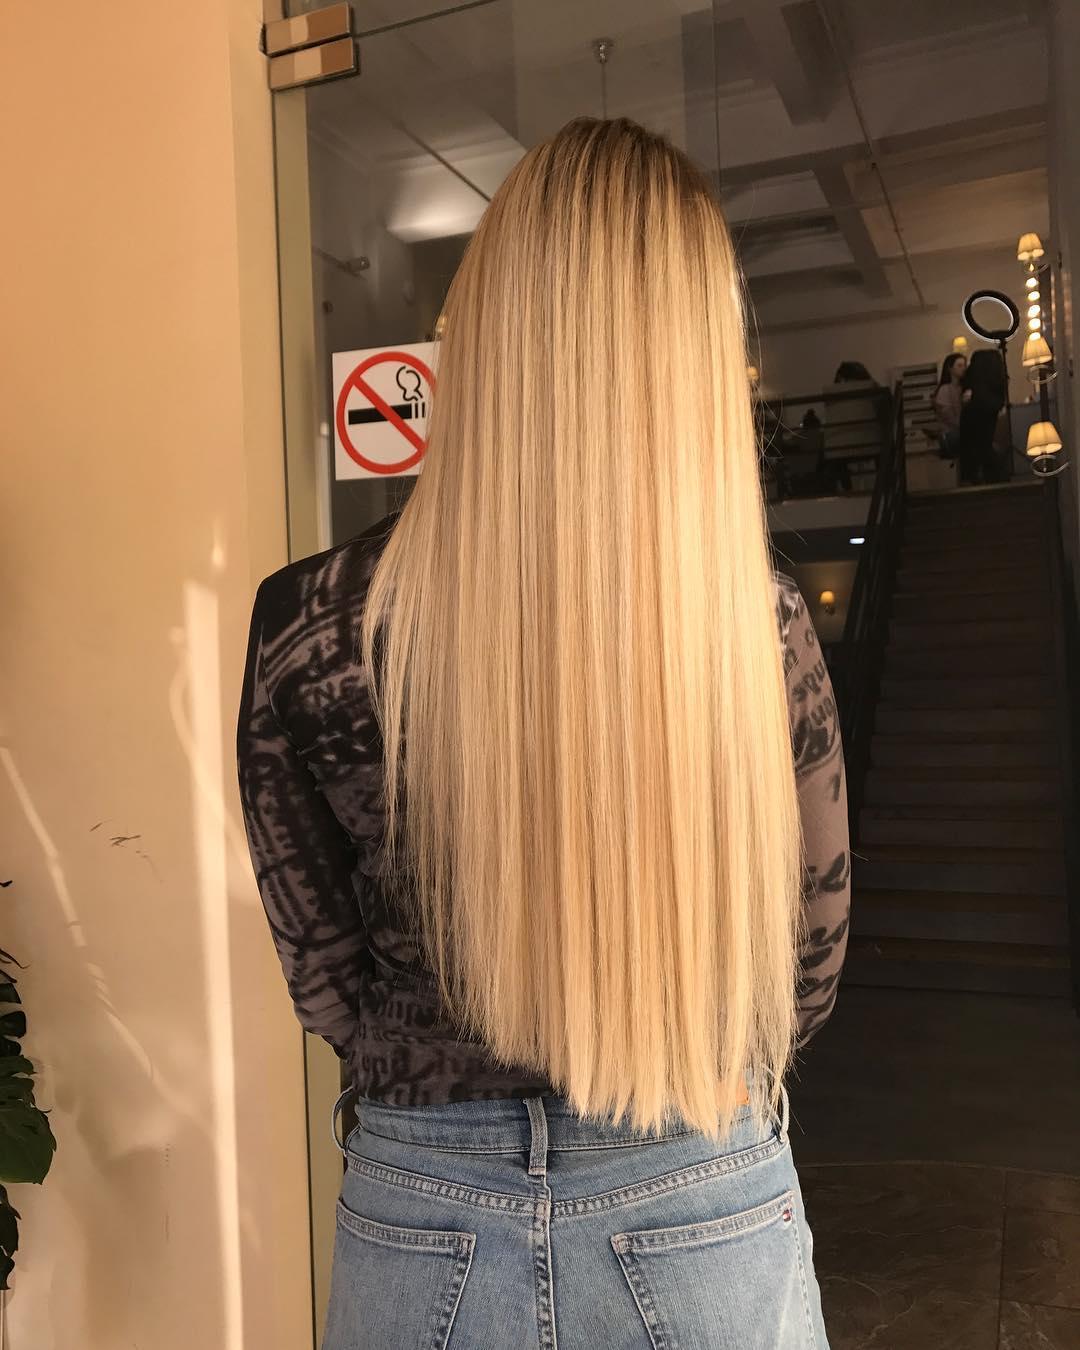 Стрижки На Длинные Волосы 2021: Самые Актуальные Варианты